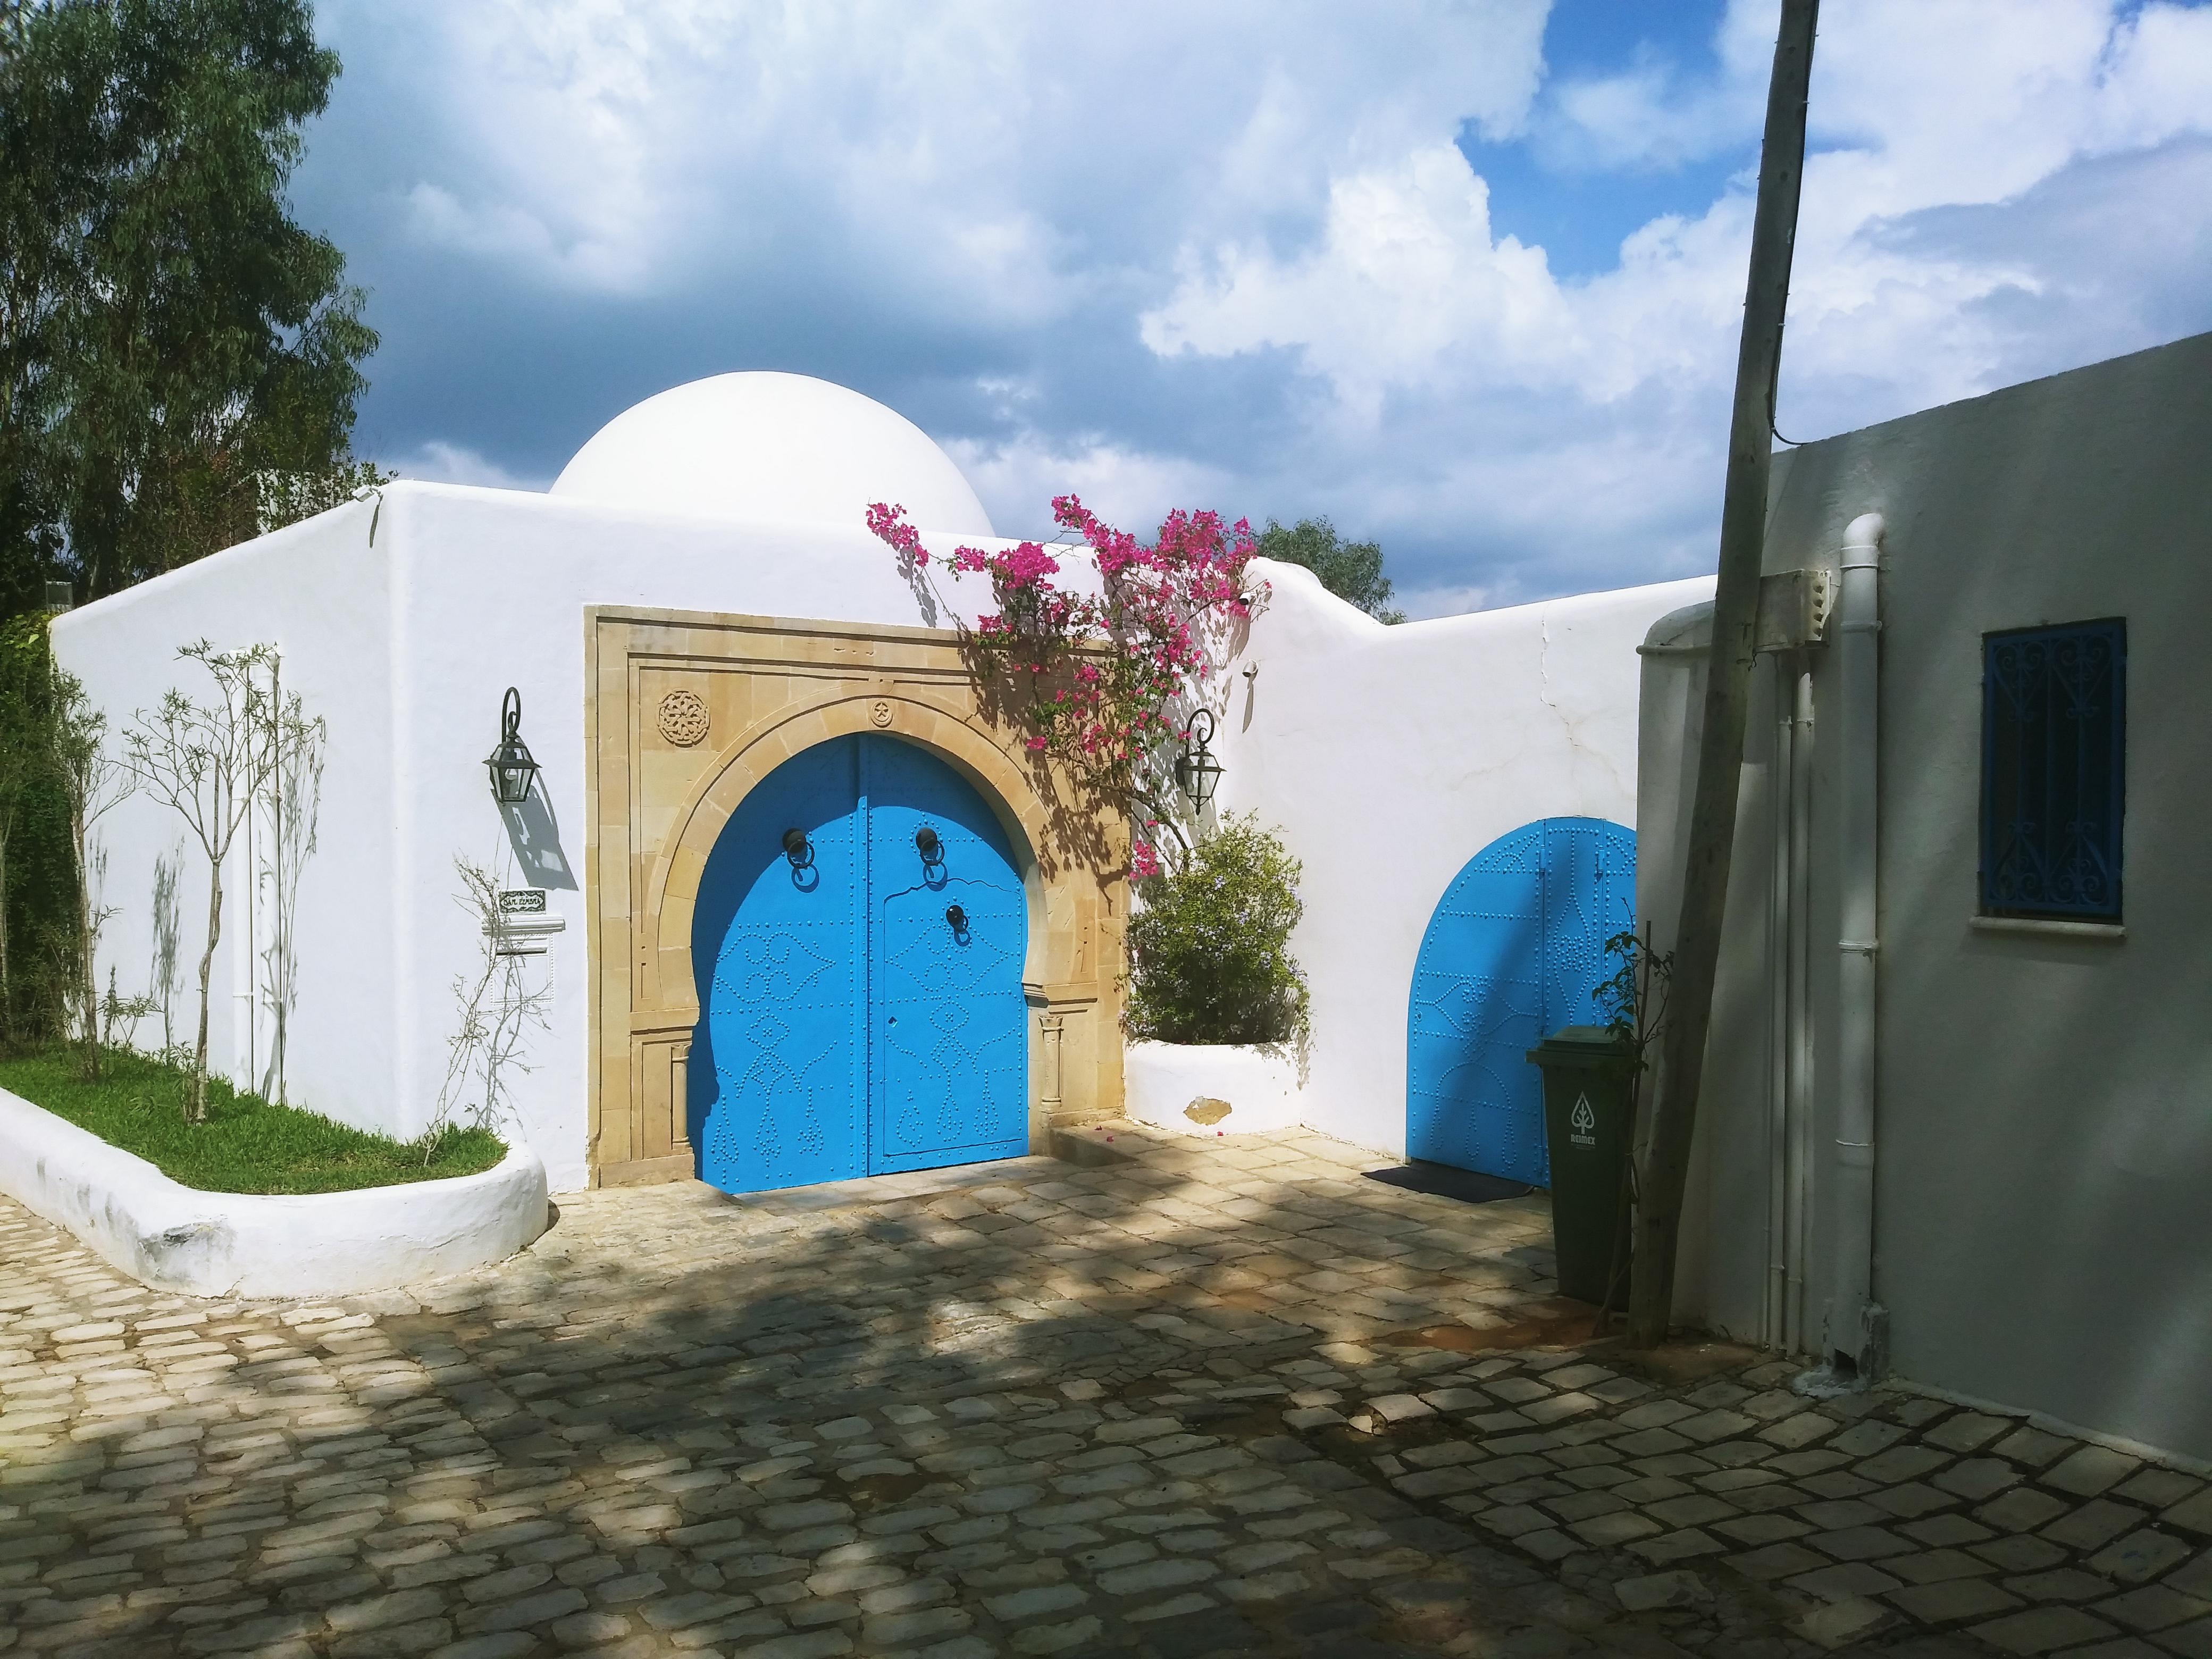 Тунис Туніс: «вільні люди» бербери, захід сонця в Сахарі та два Карфагени 20180921 121356